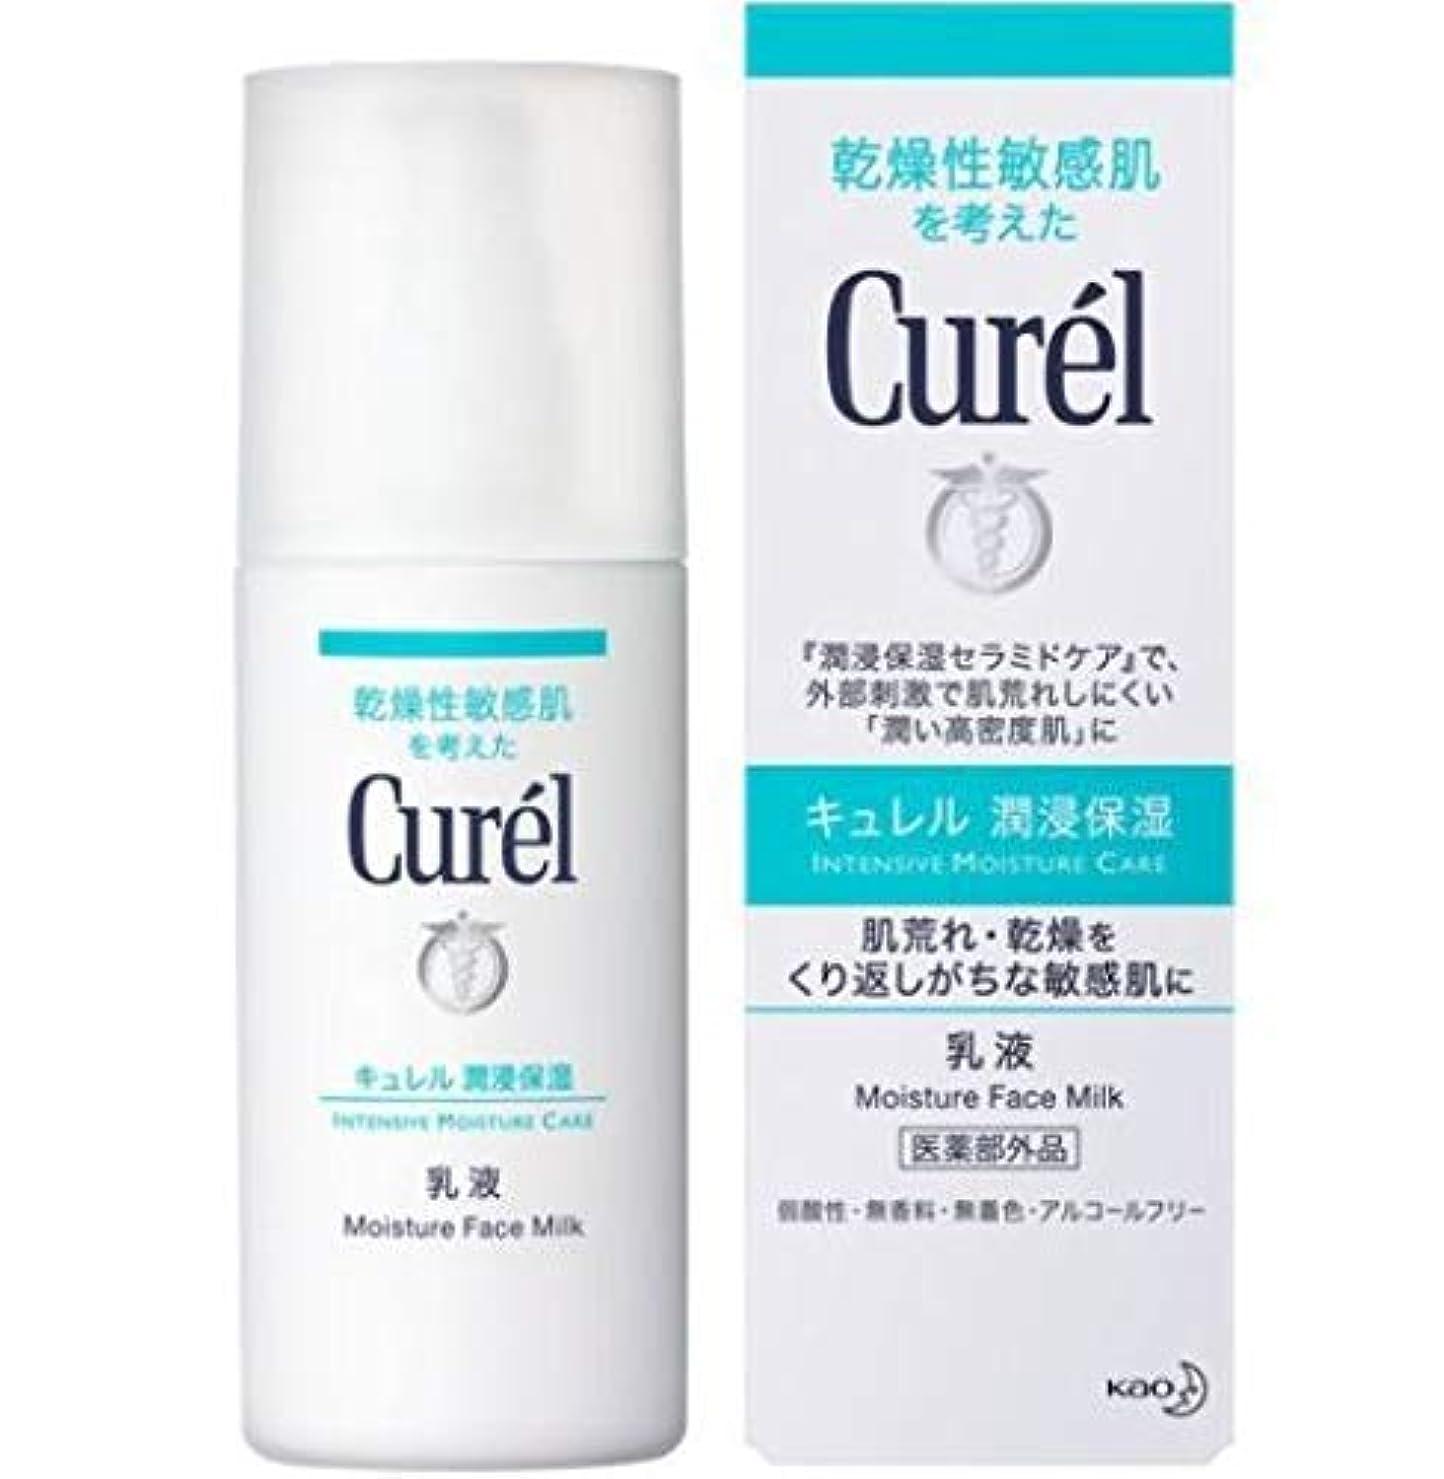 ツイン火曜日中絶Curél キュレルの保湿集中治療保湿フェイスミルクは120ミリリットルは、お肌の自然なバリア機能を向上させ落ち着かせると乾燥から肌を保護するために-helps